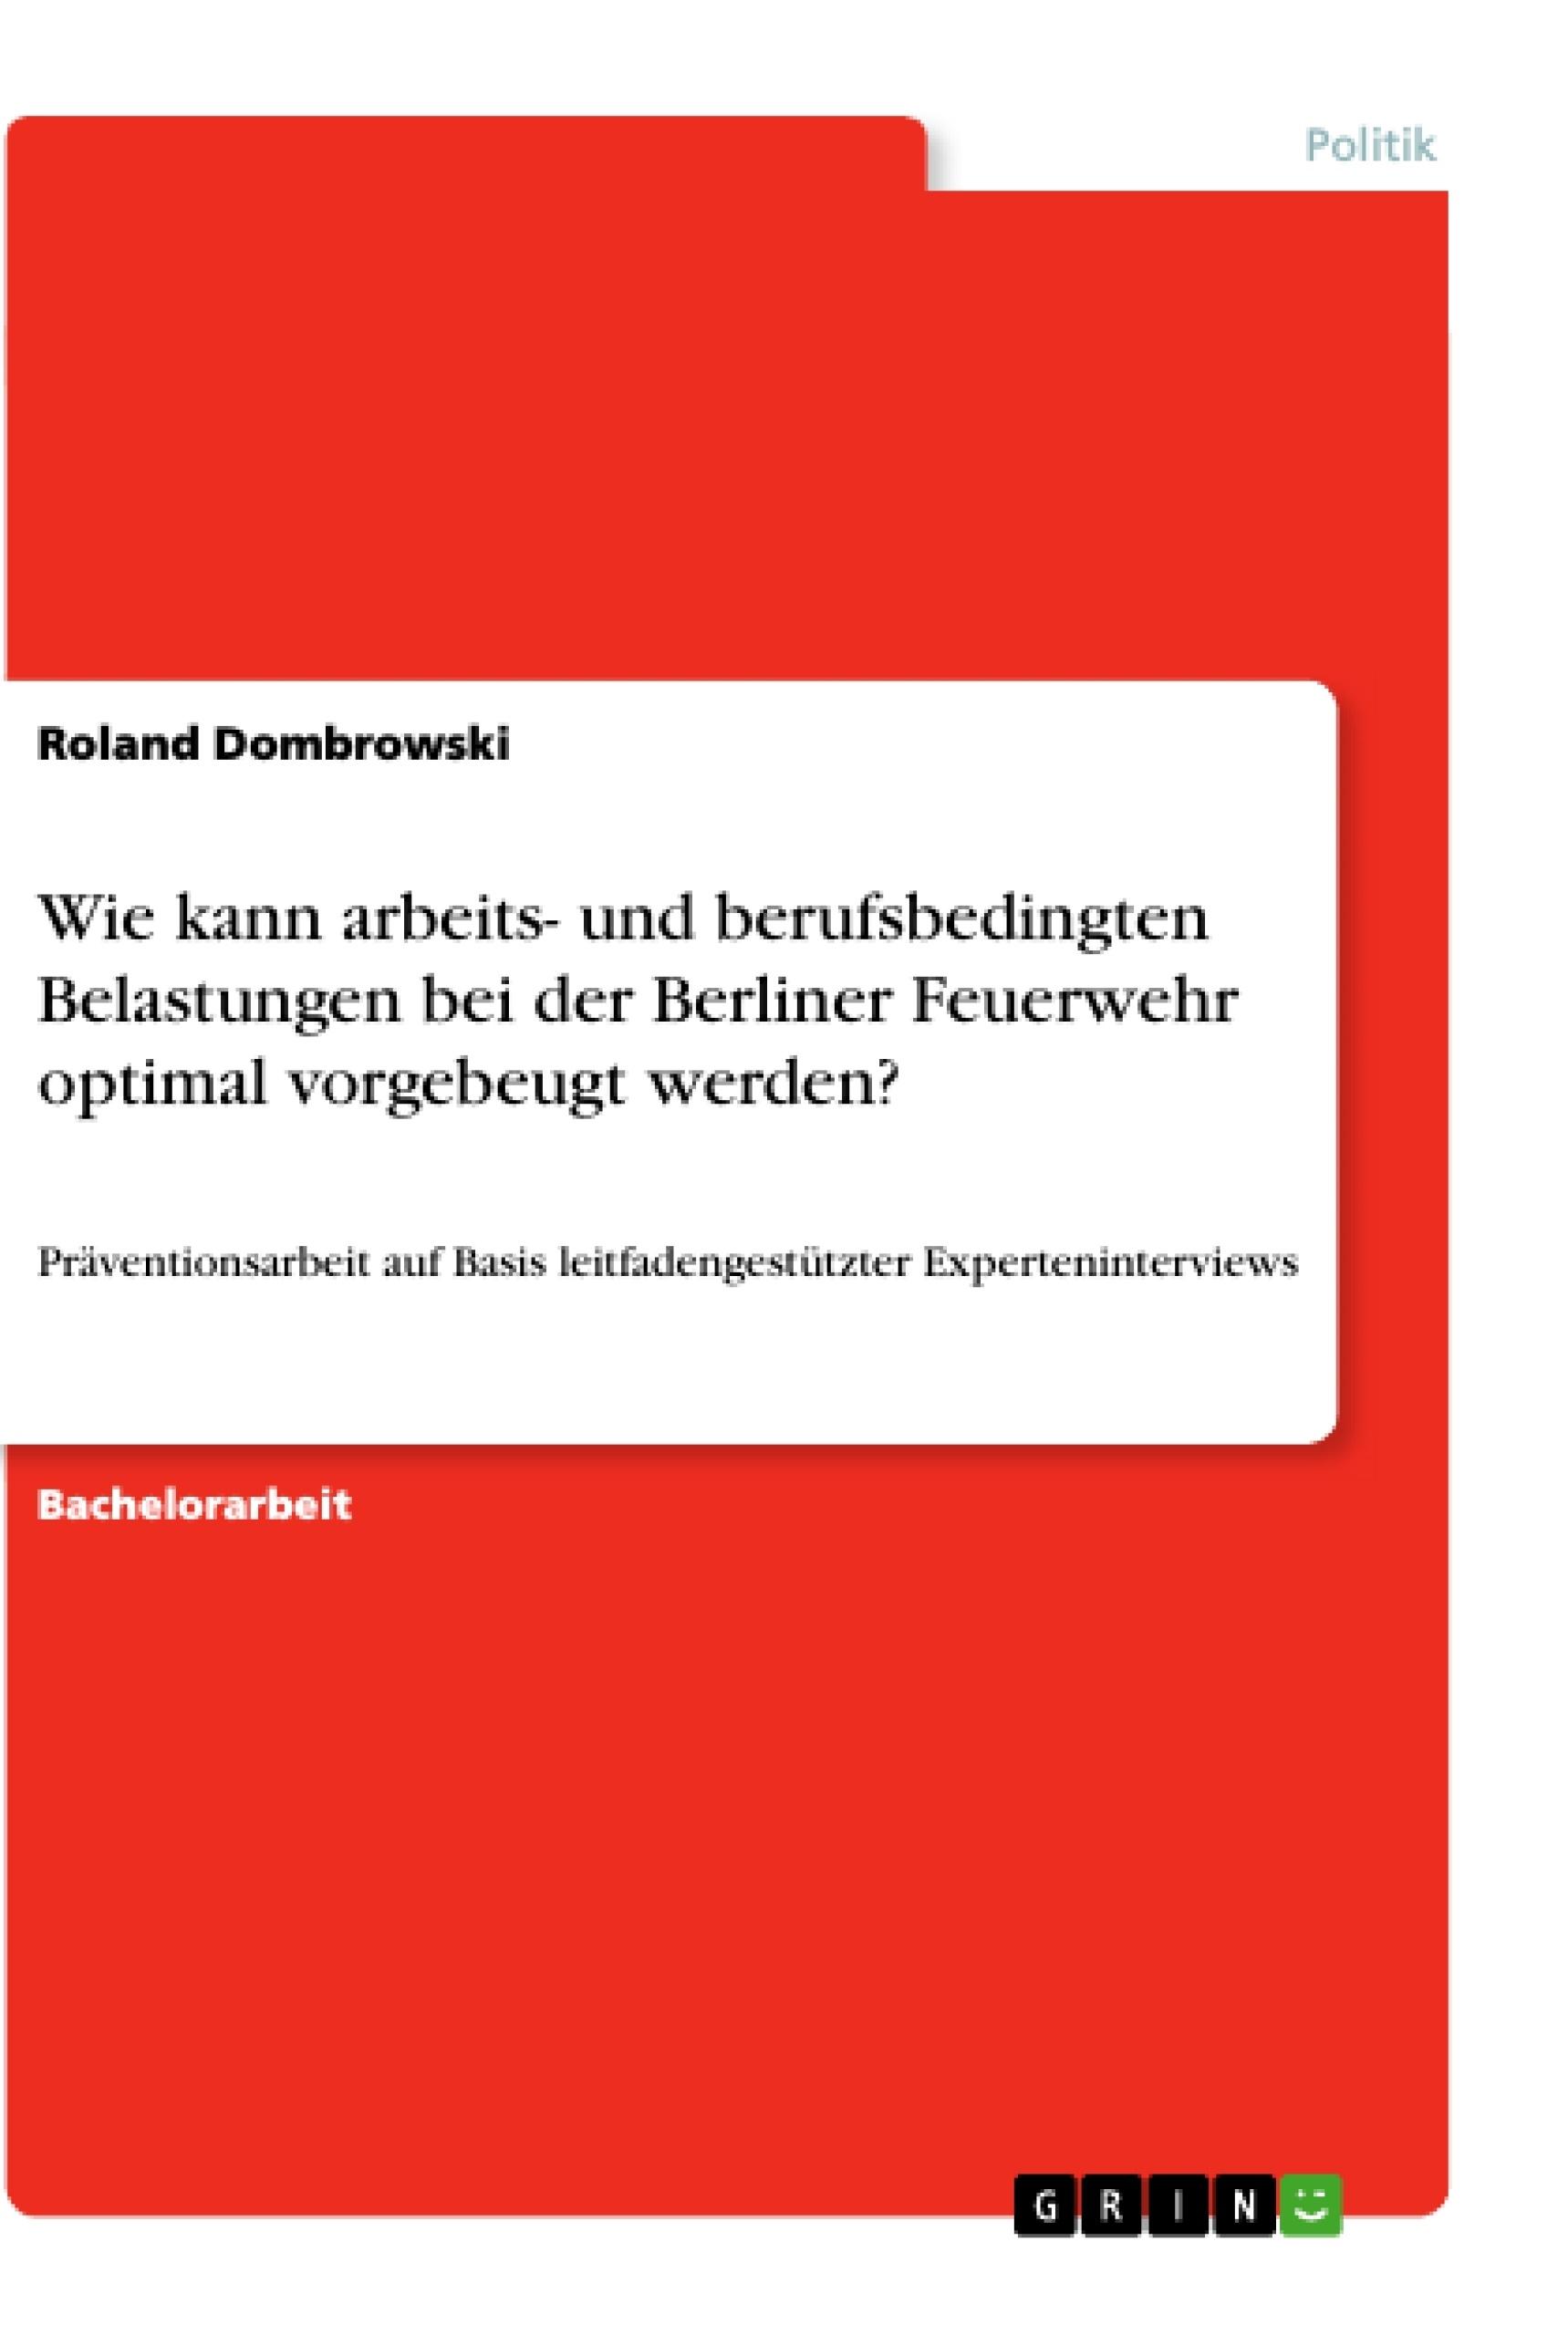 Titel: Wie kann arbeits- und berufsbedingten Belastungen bei der Berliner Feuerwehr optimal  vorgebeugt werden?